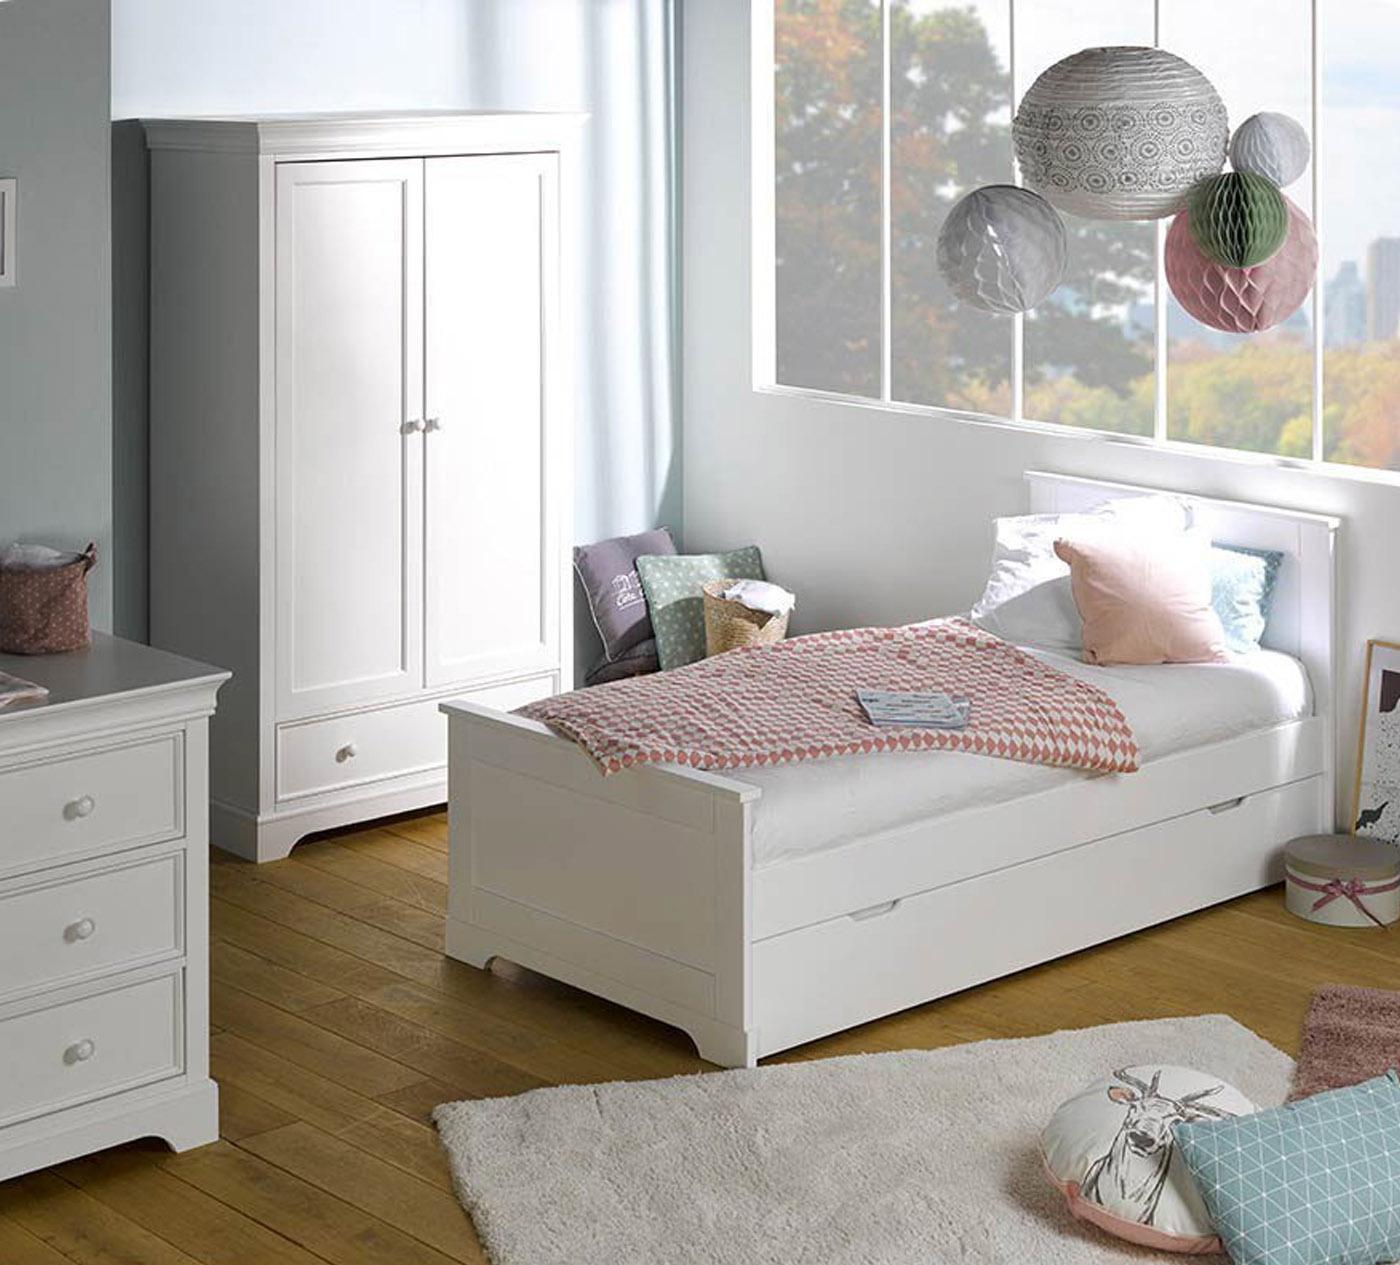 Las Segundas Rebajas En Mobiliario Infantil Y Juvenil Llegan A  # Muebles Rebajados